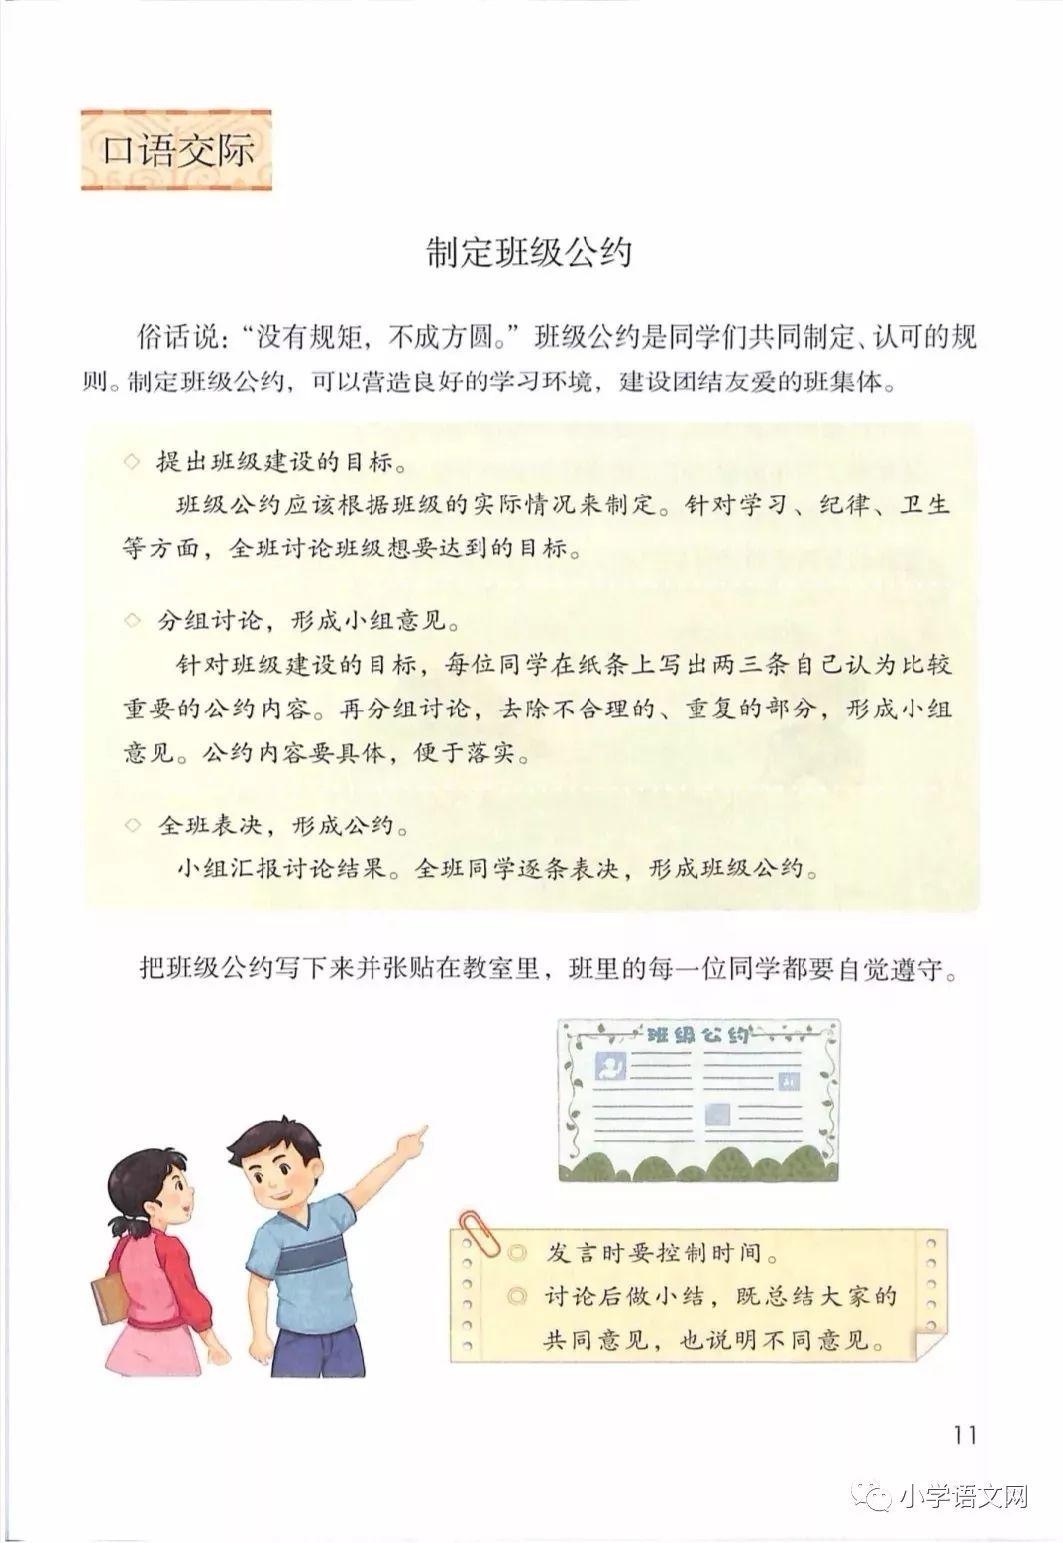 口语交际:制定班级公约(第16页)